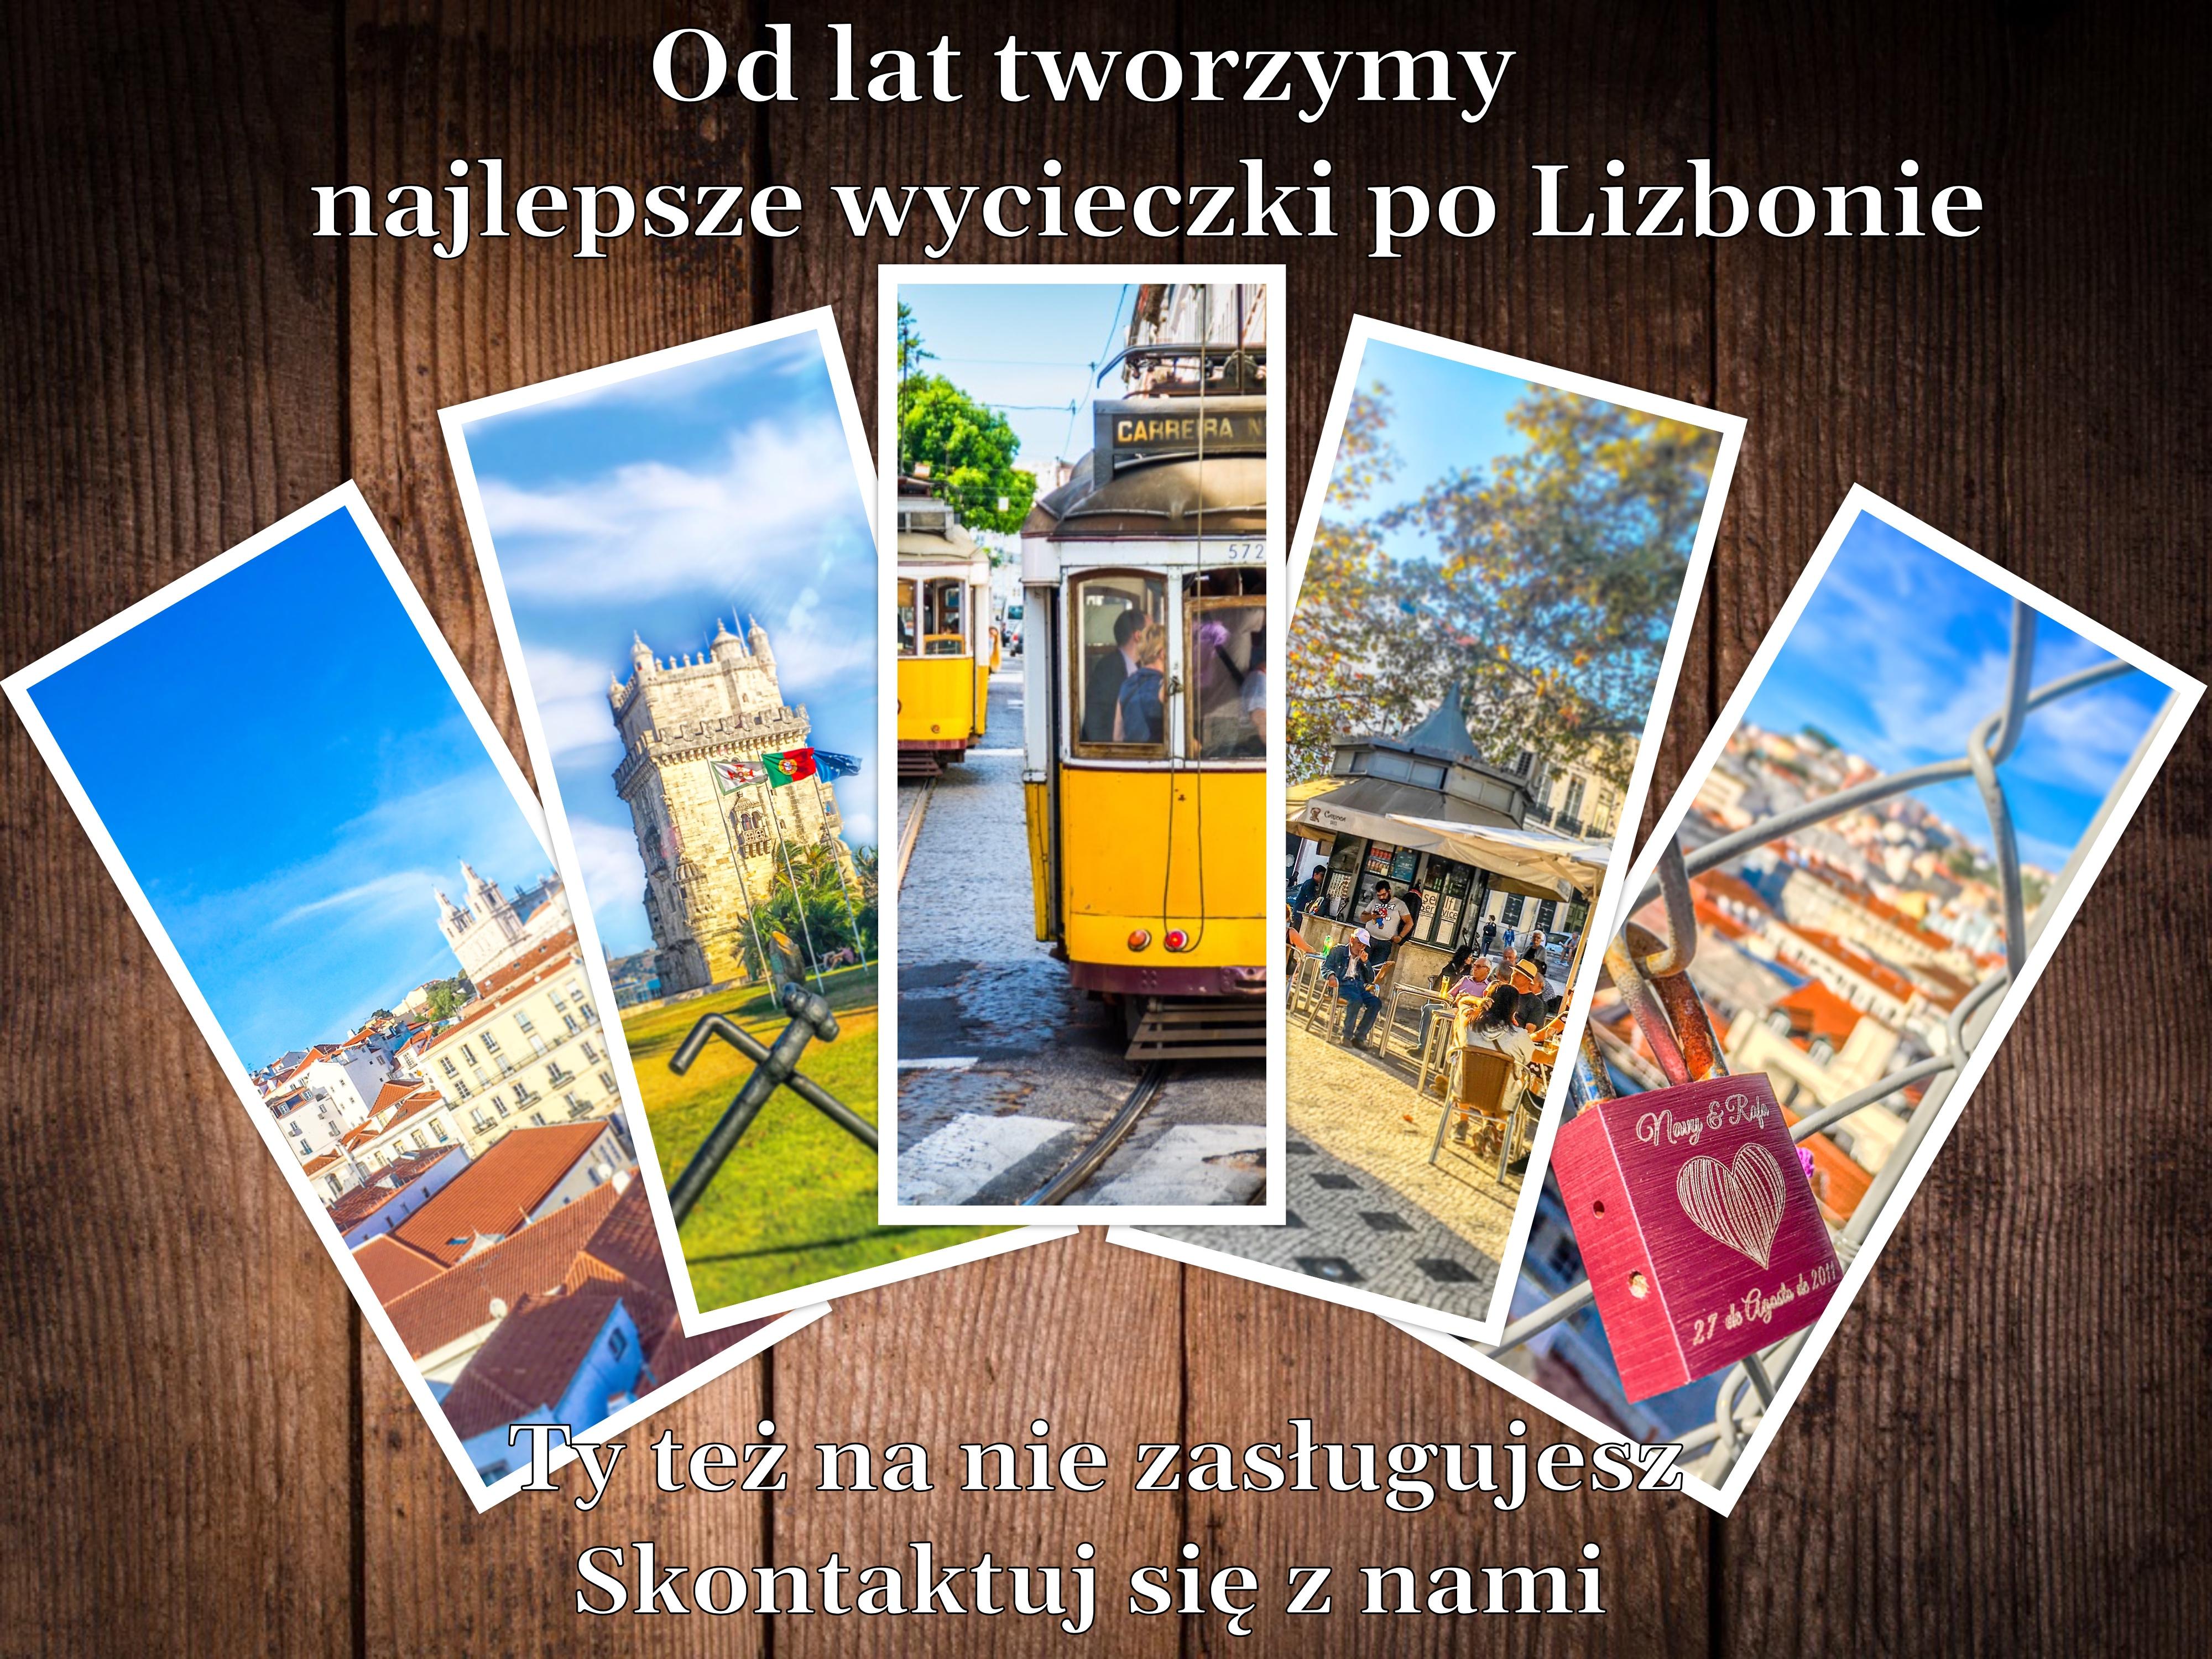 Północna Portugalia Polski Przewodnik Zwiedzanie Trasa Podróży Zwiedzania Plan Co Warto Zobaczyć Miasta Guimaraes Braga Peneda Geres Braganca Douro Opis Wskazówki